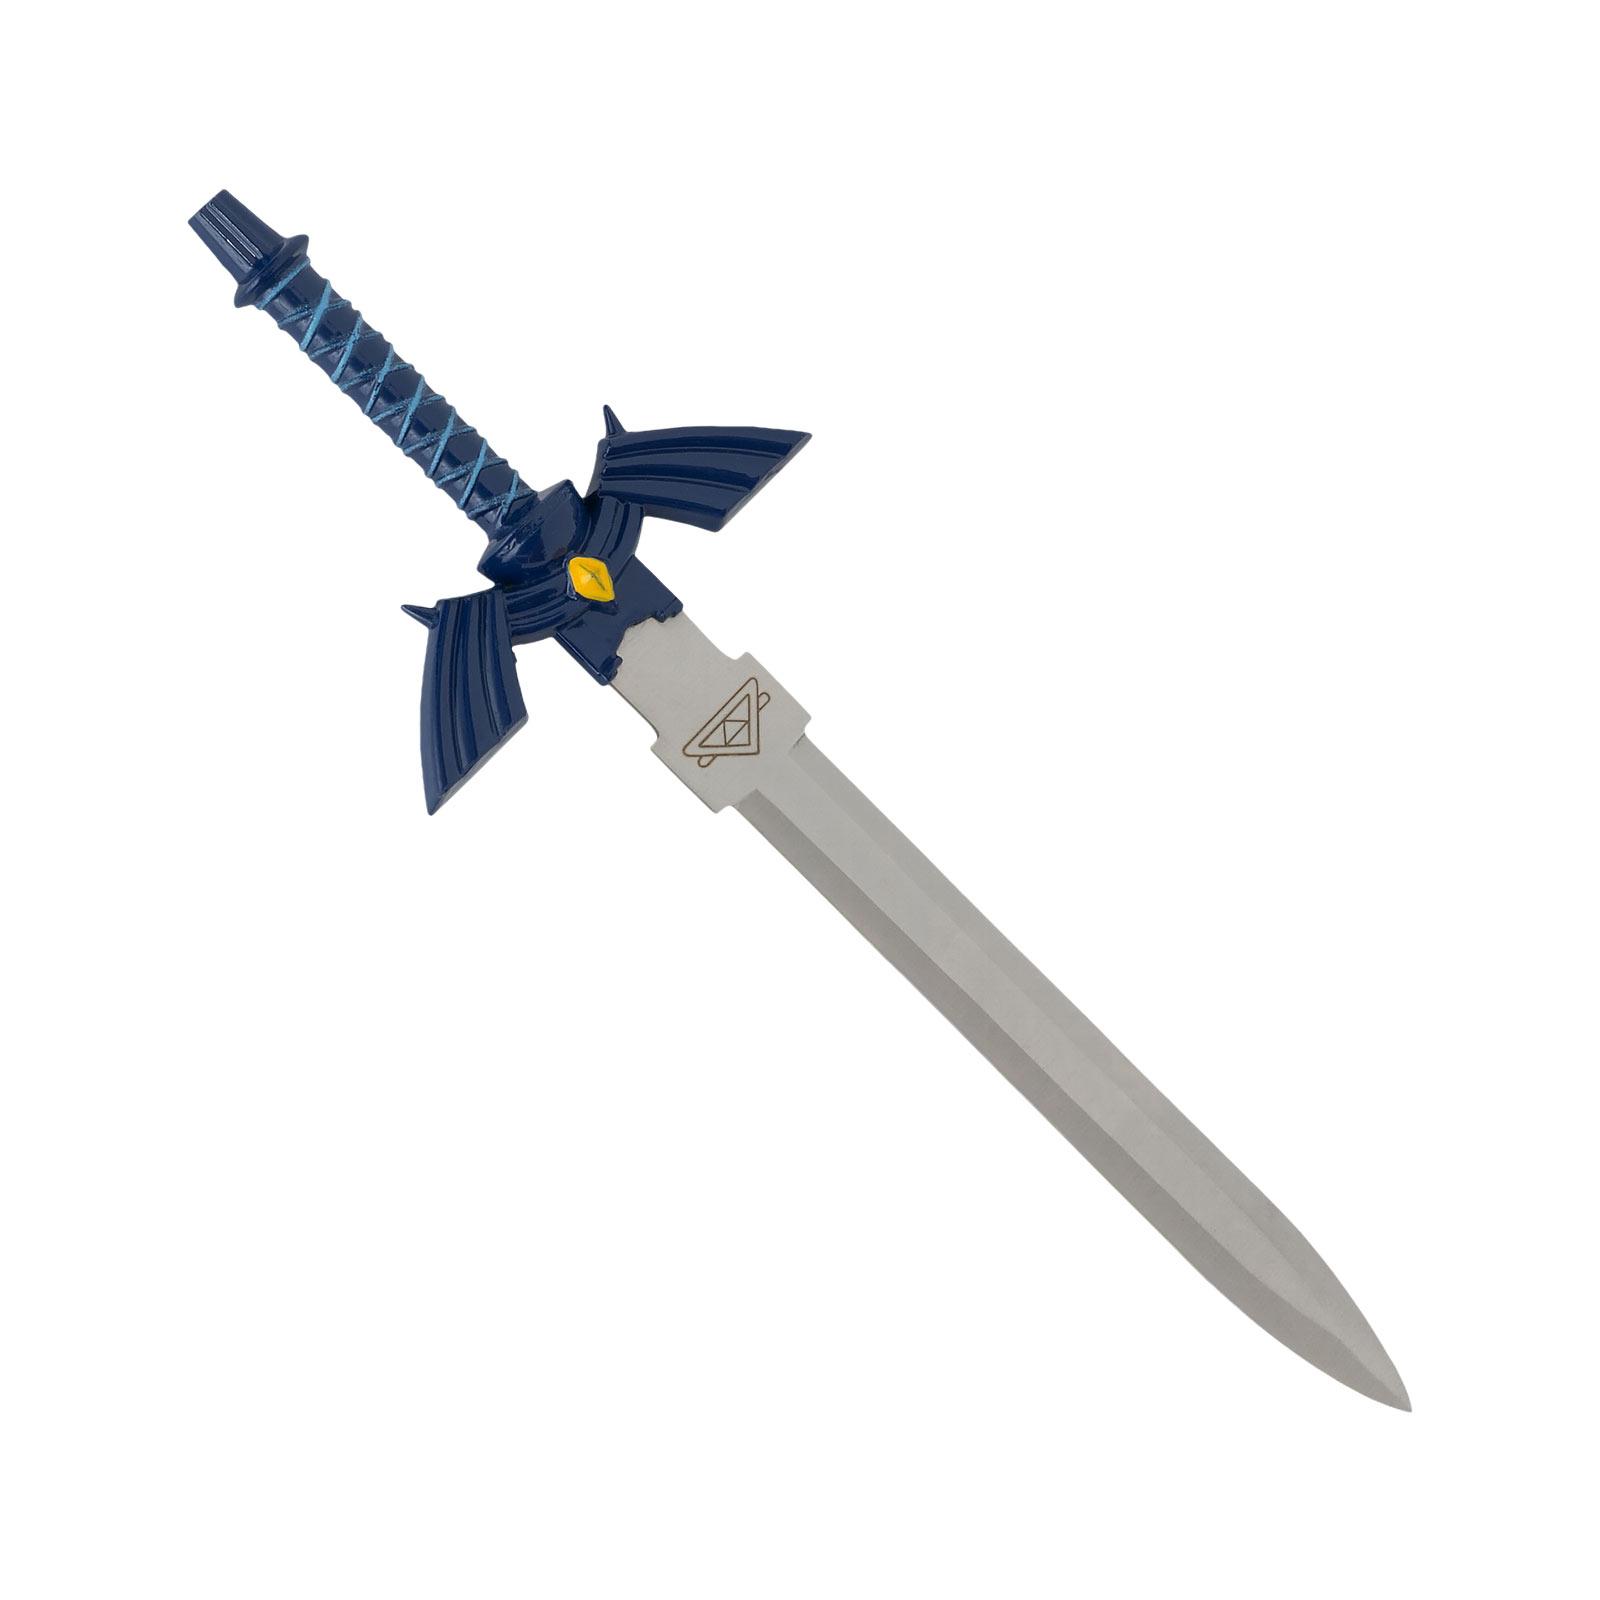 Masterschwert Miniatur Replik mit Scheide für Zelda Fans